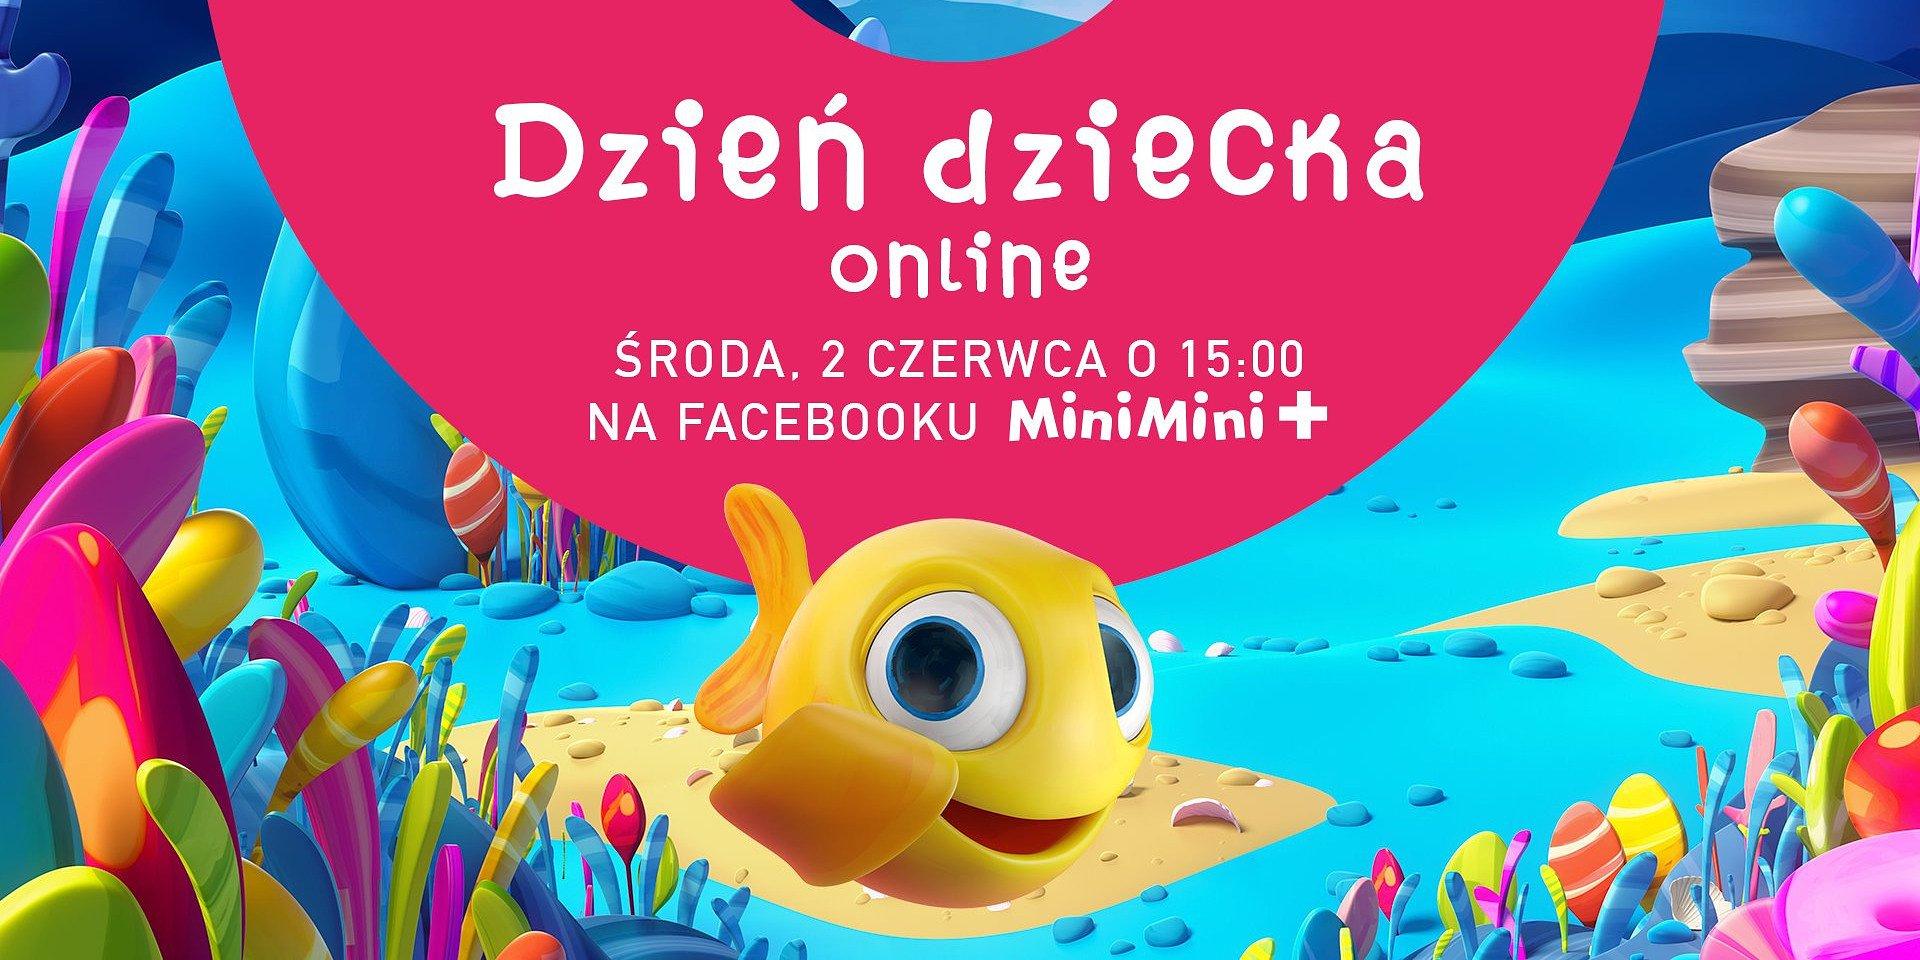 Dzień dziecka z MiniMini+ i teleTOON+